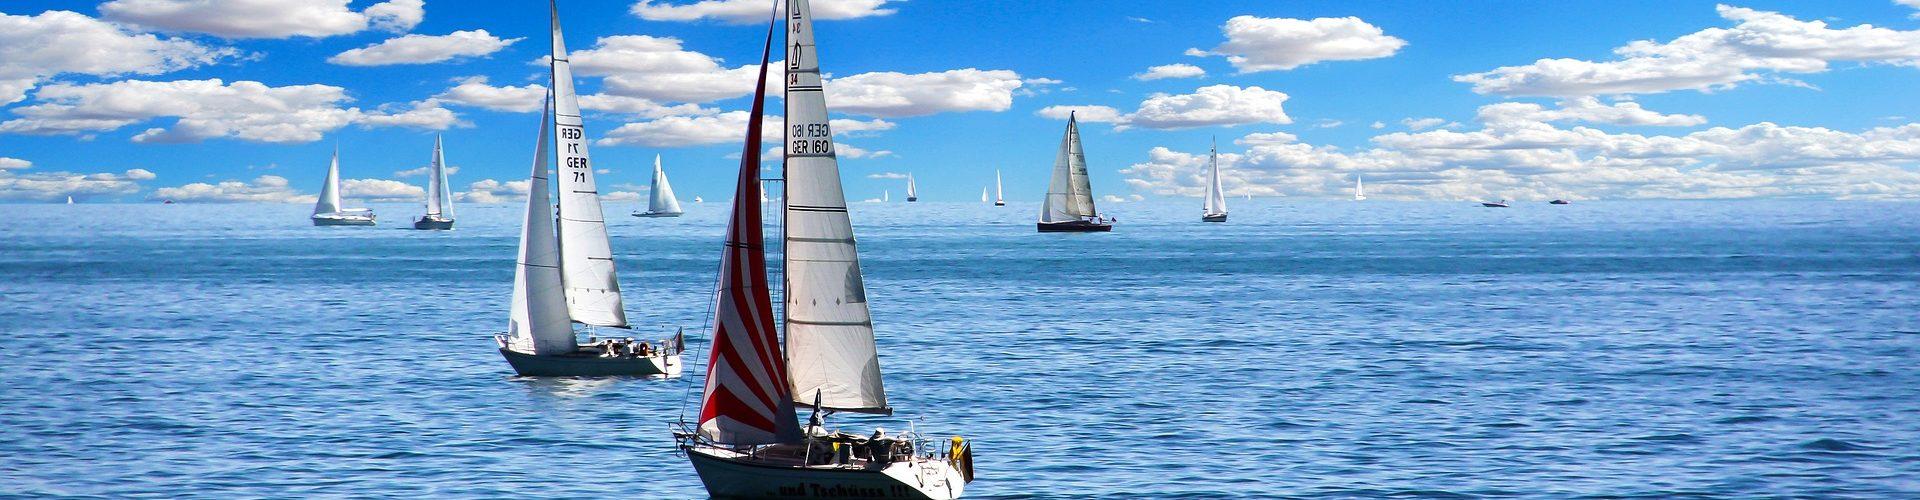 segeln lernen in Ebern segelschein machen in Ebern 1920x500 - Segeln lernen in Ebern